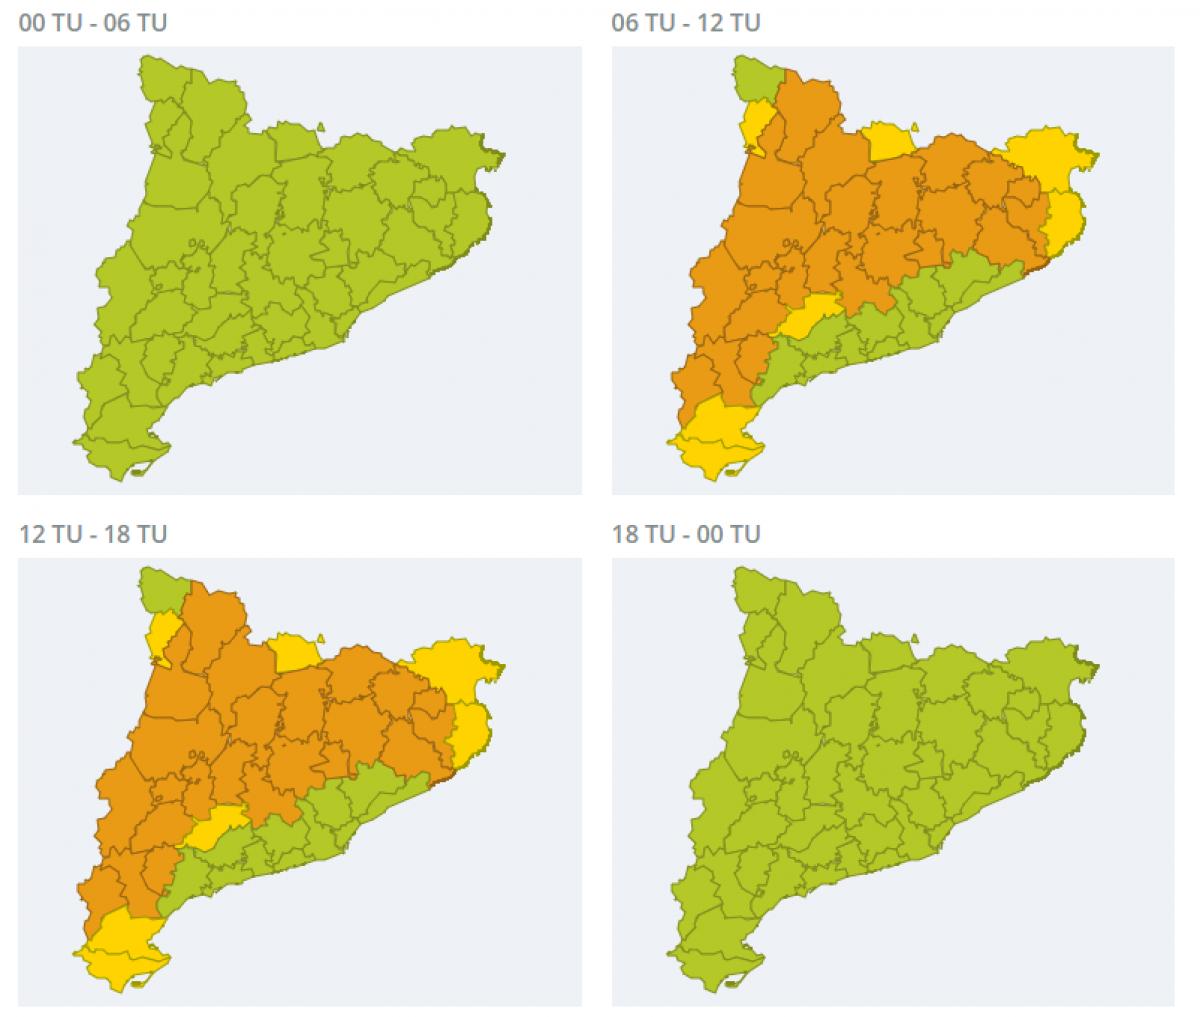 Mapa d'alertes per calor aquest dissabte